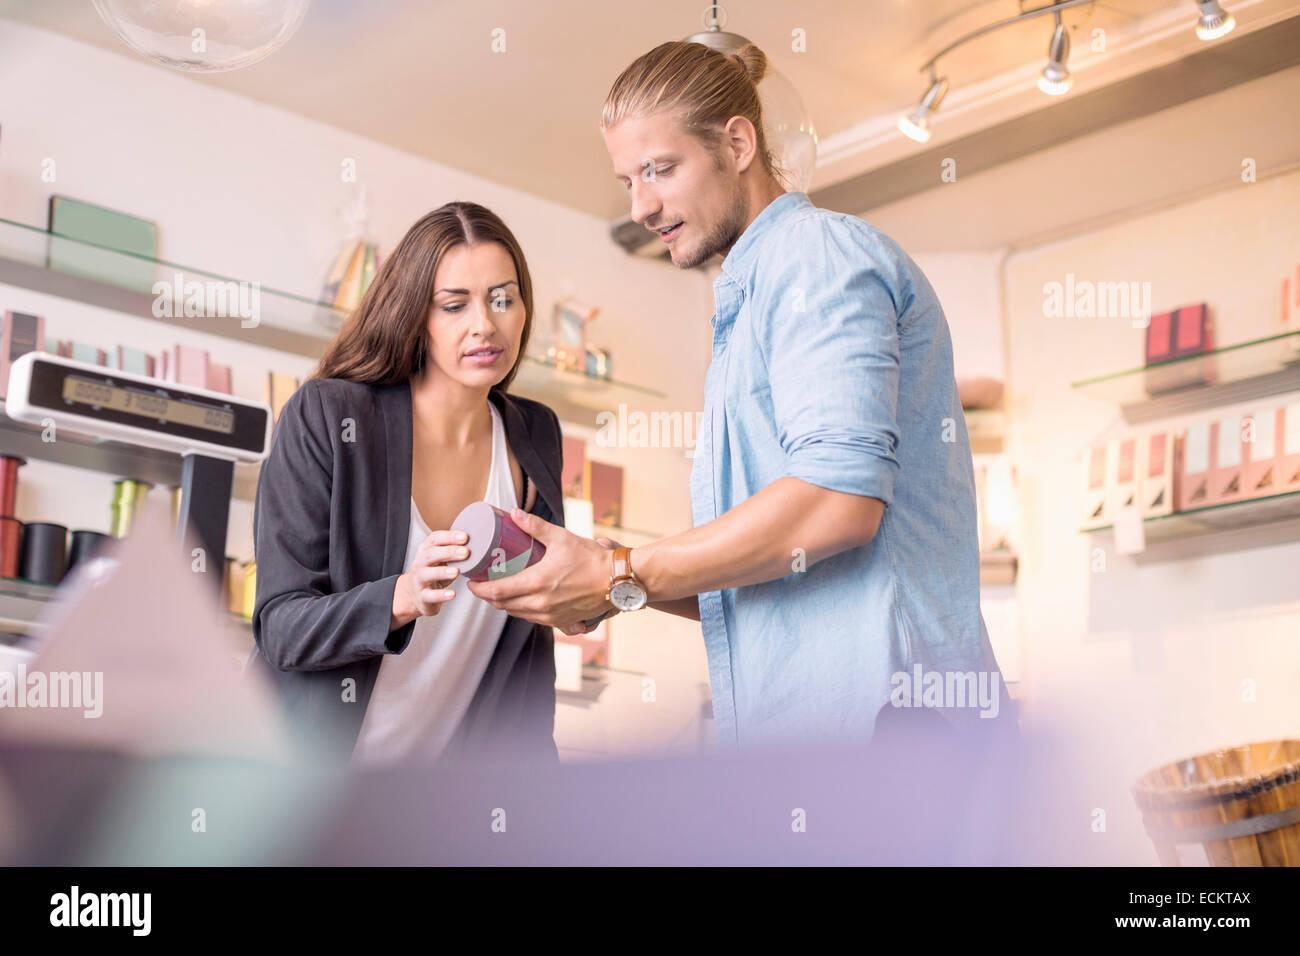 Arbeitnehmerin mit Kollegen diskutieren im Süßwarenladen mit gedrückter Produkt Stockbild